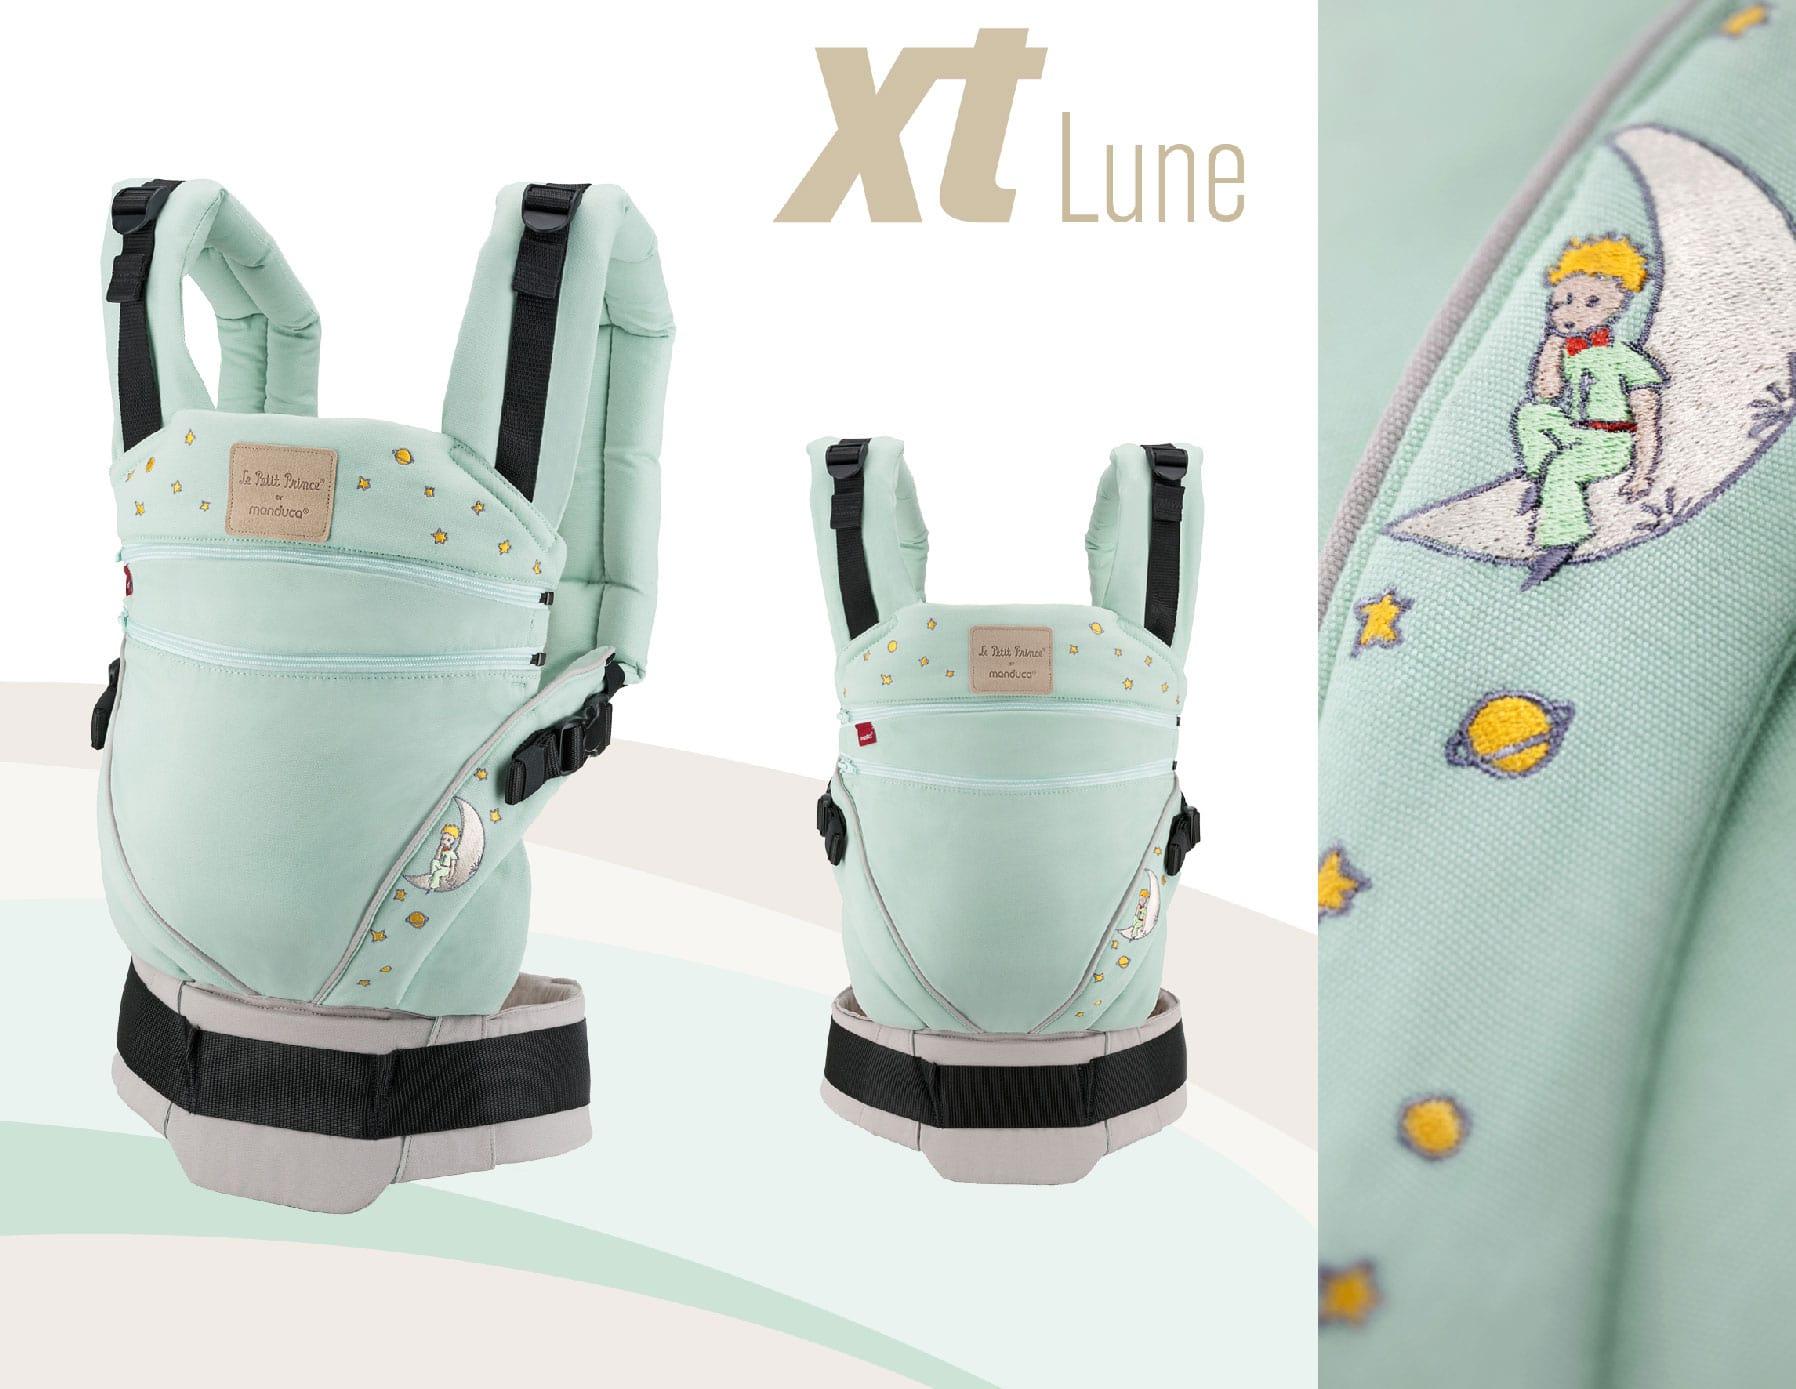 Le Petit Prince XT Lune